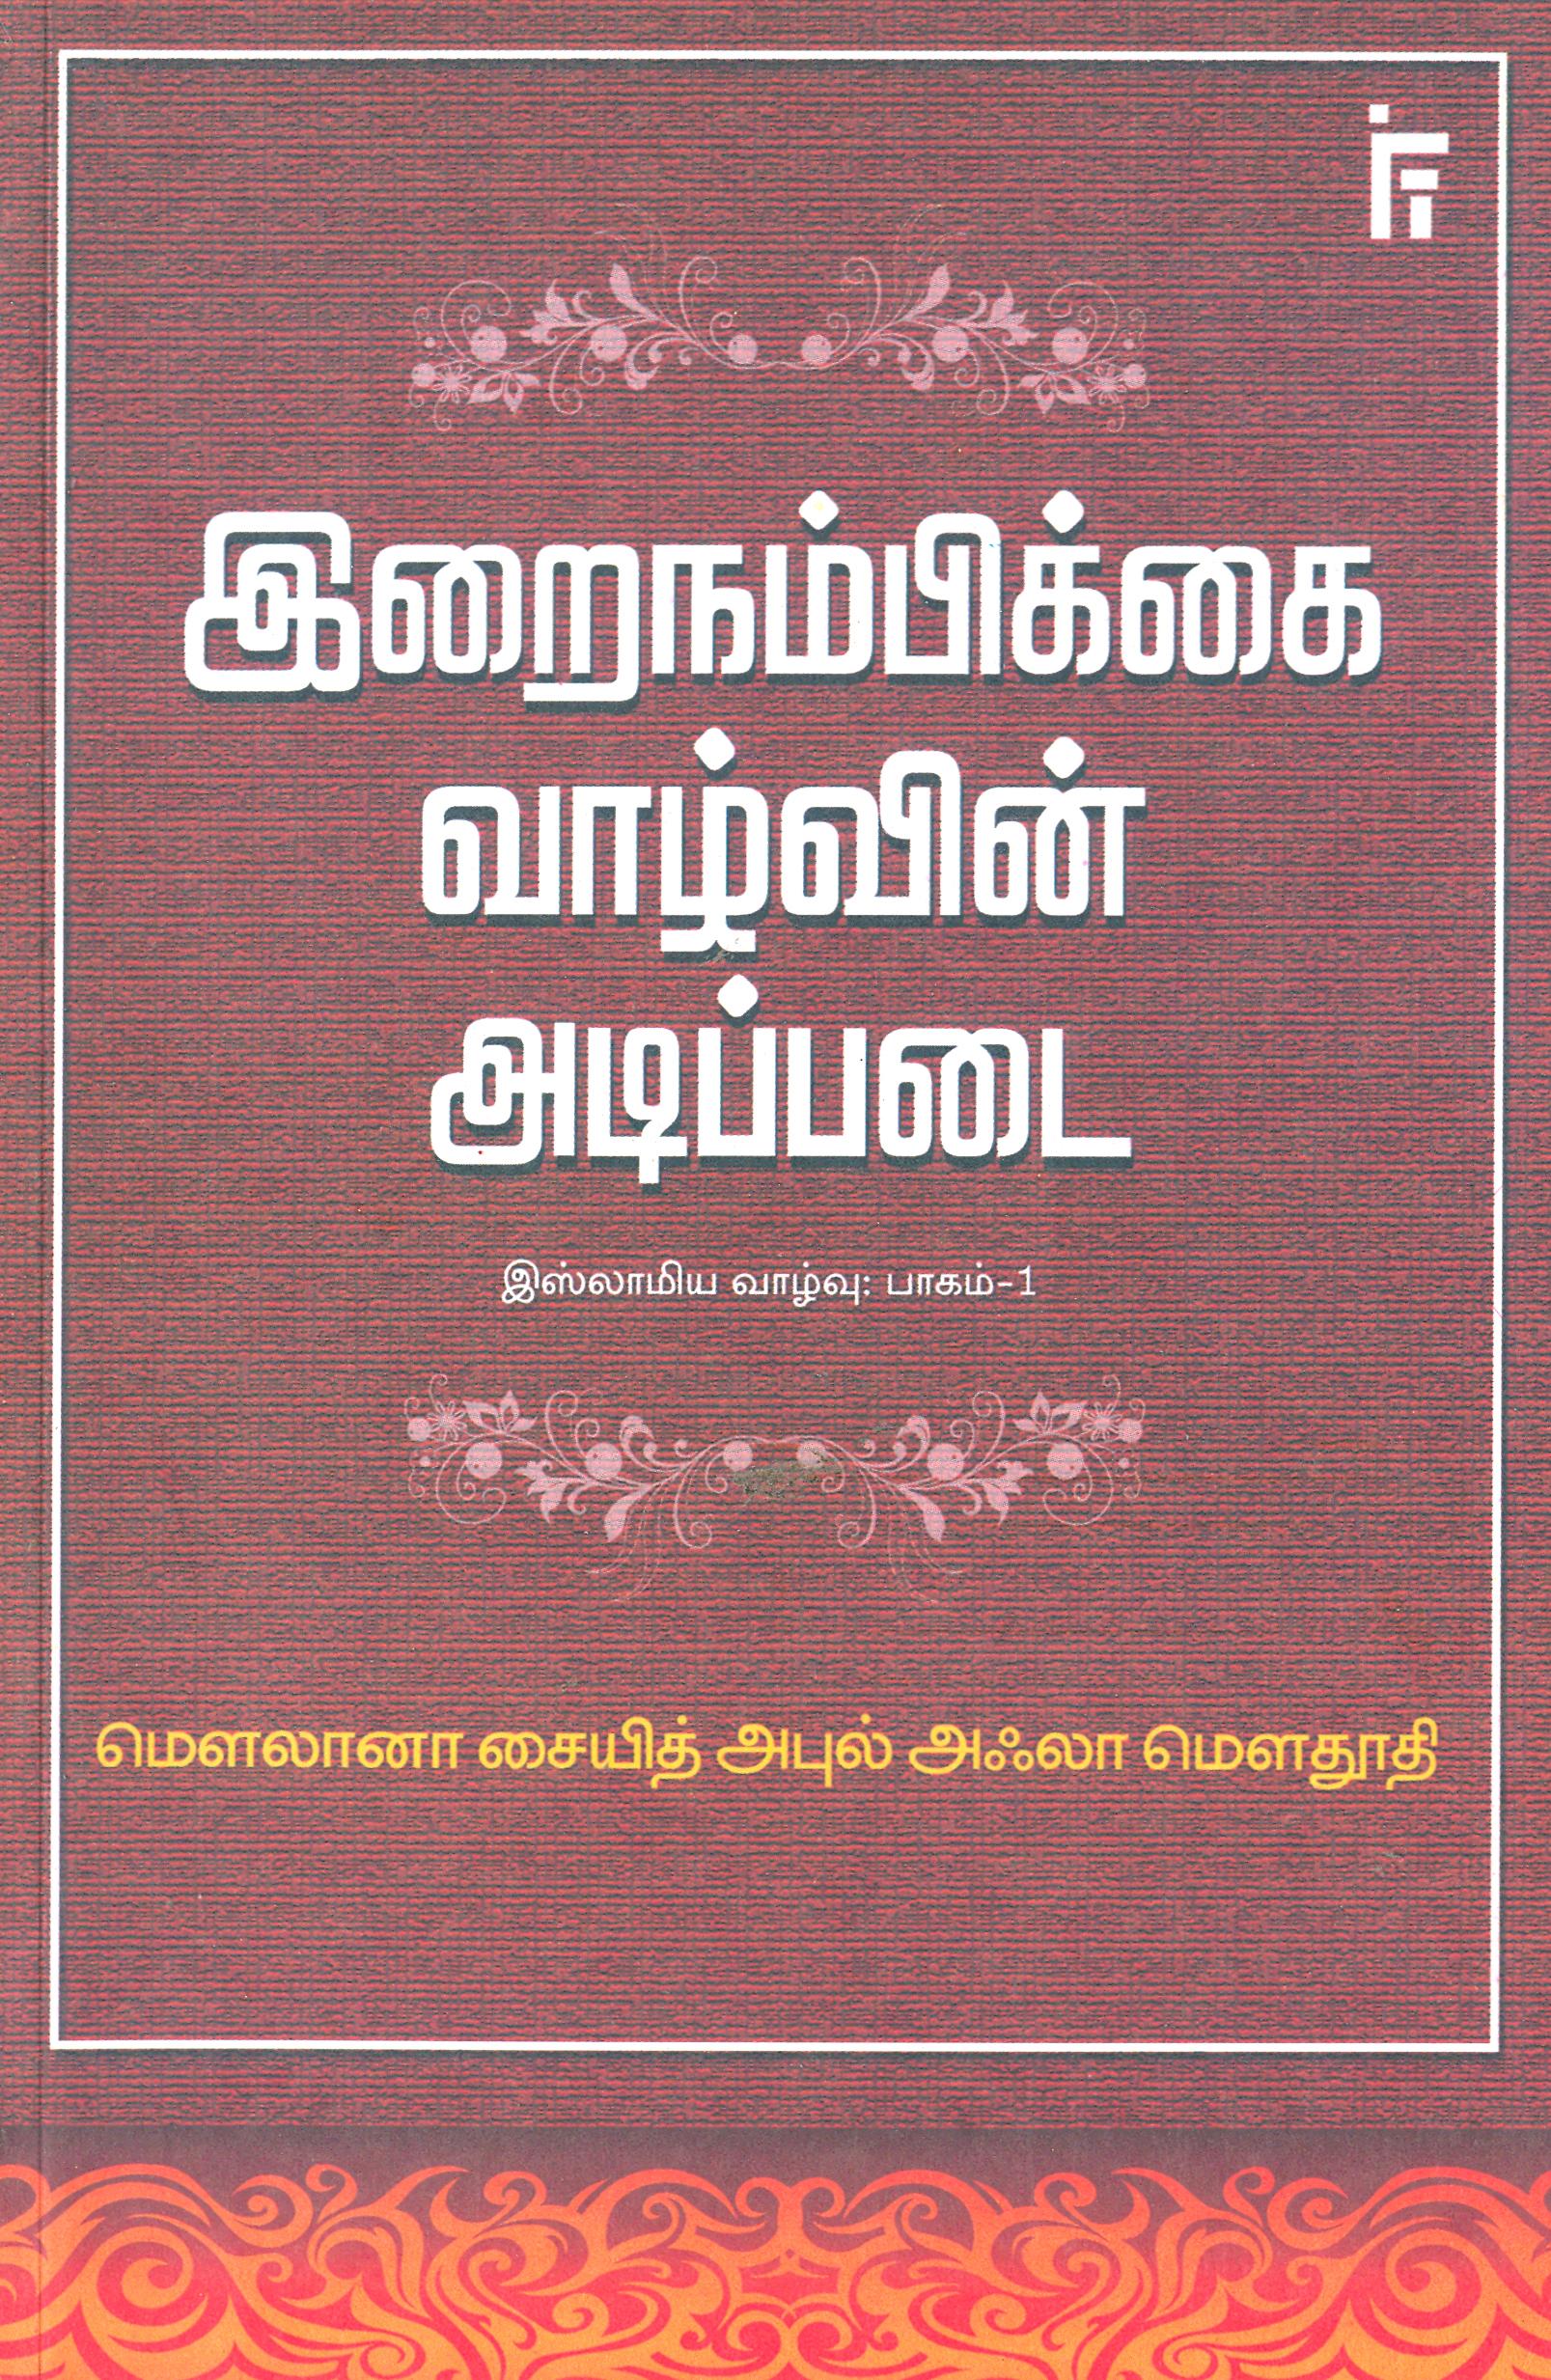 இறைநம்பிக்கை வாழ்வின் அடிப்படை-Irainampikkai valvin atippatai